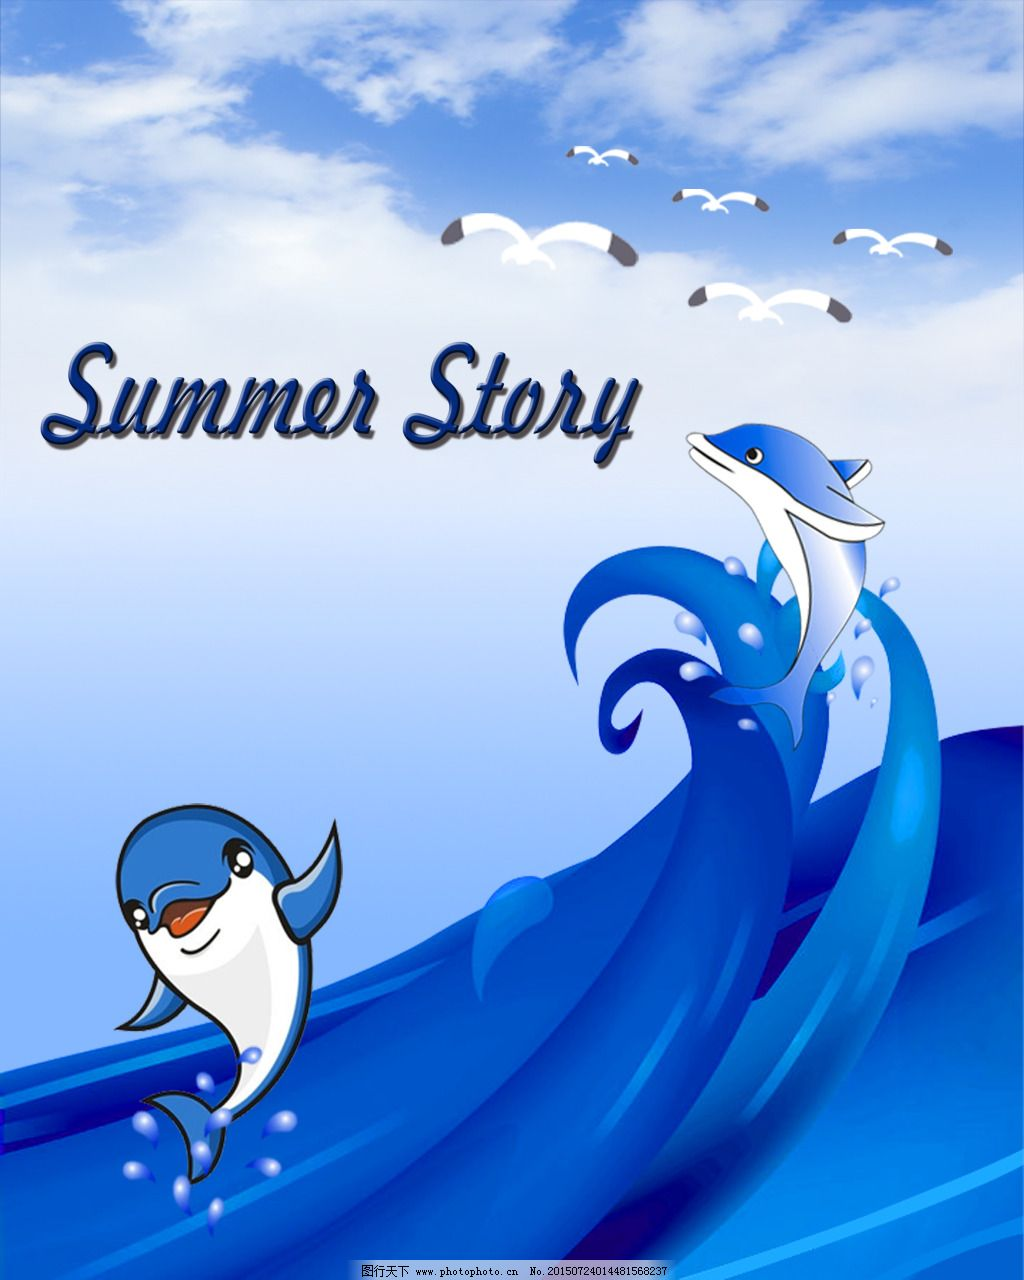 海豚海报免费下载 psd分层 海报模板 海浪 海鸥 海豚 蓝色背景 天空